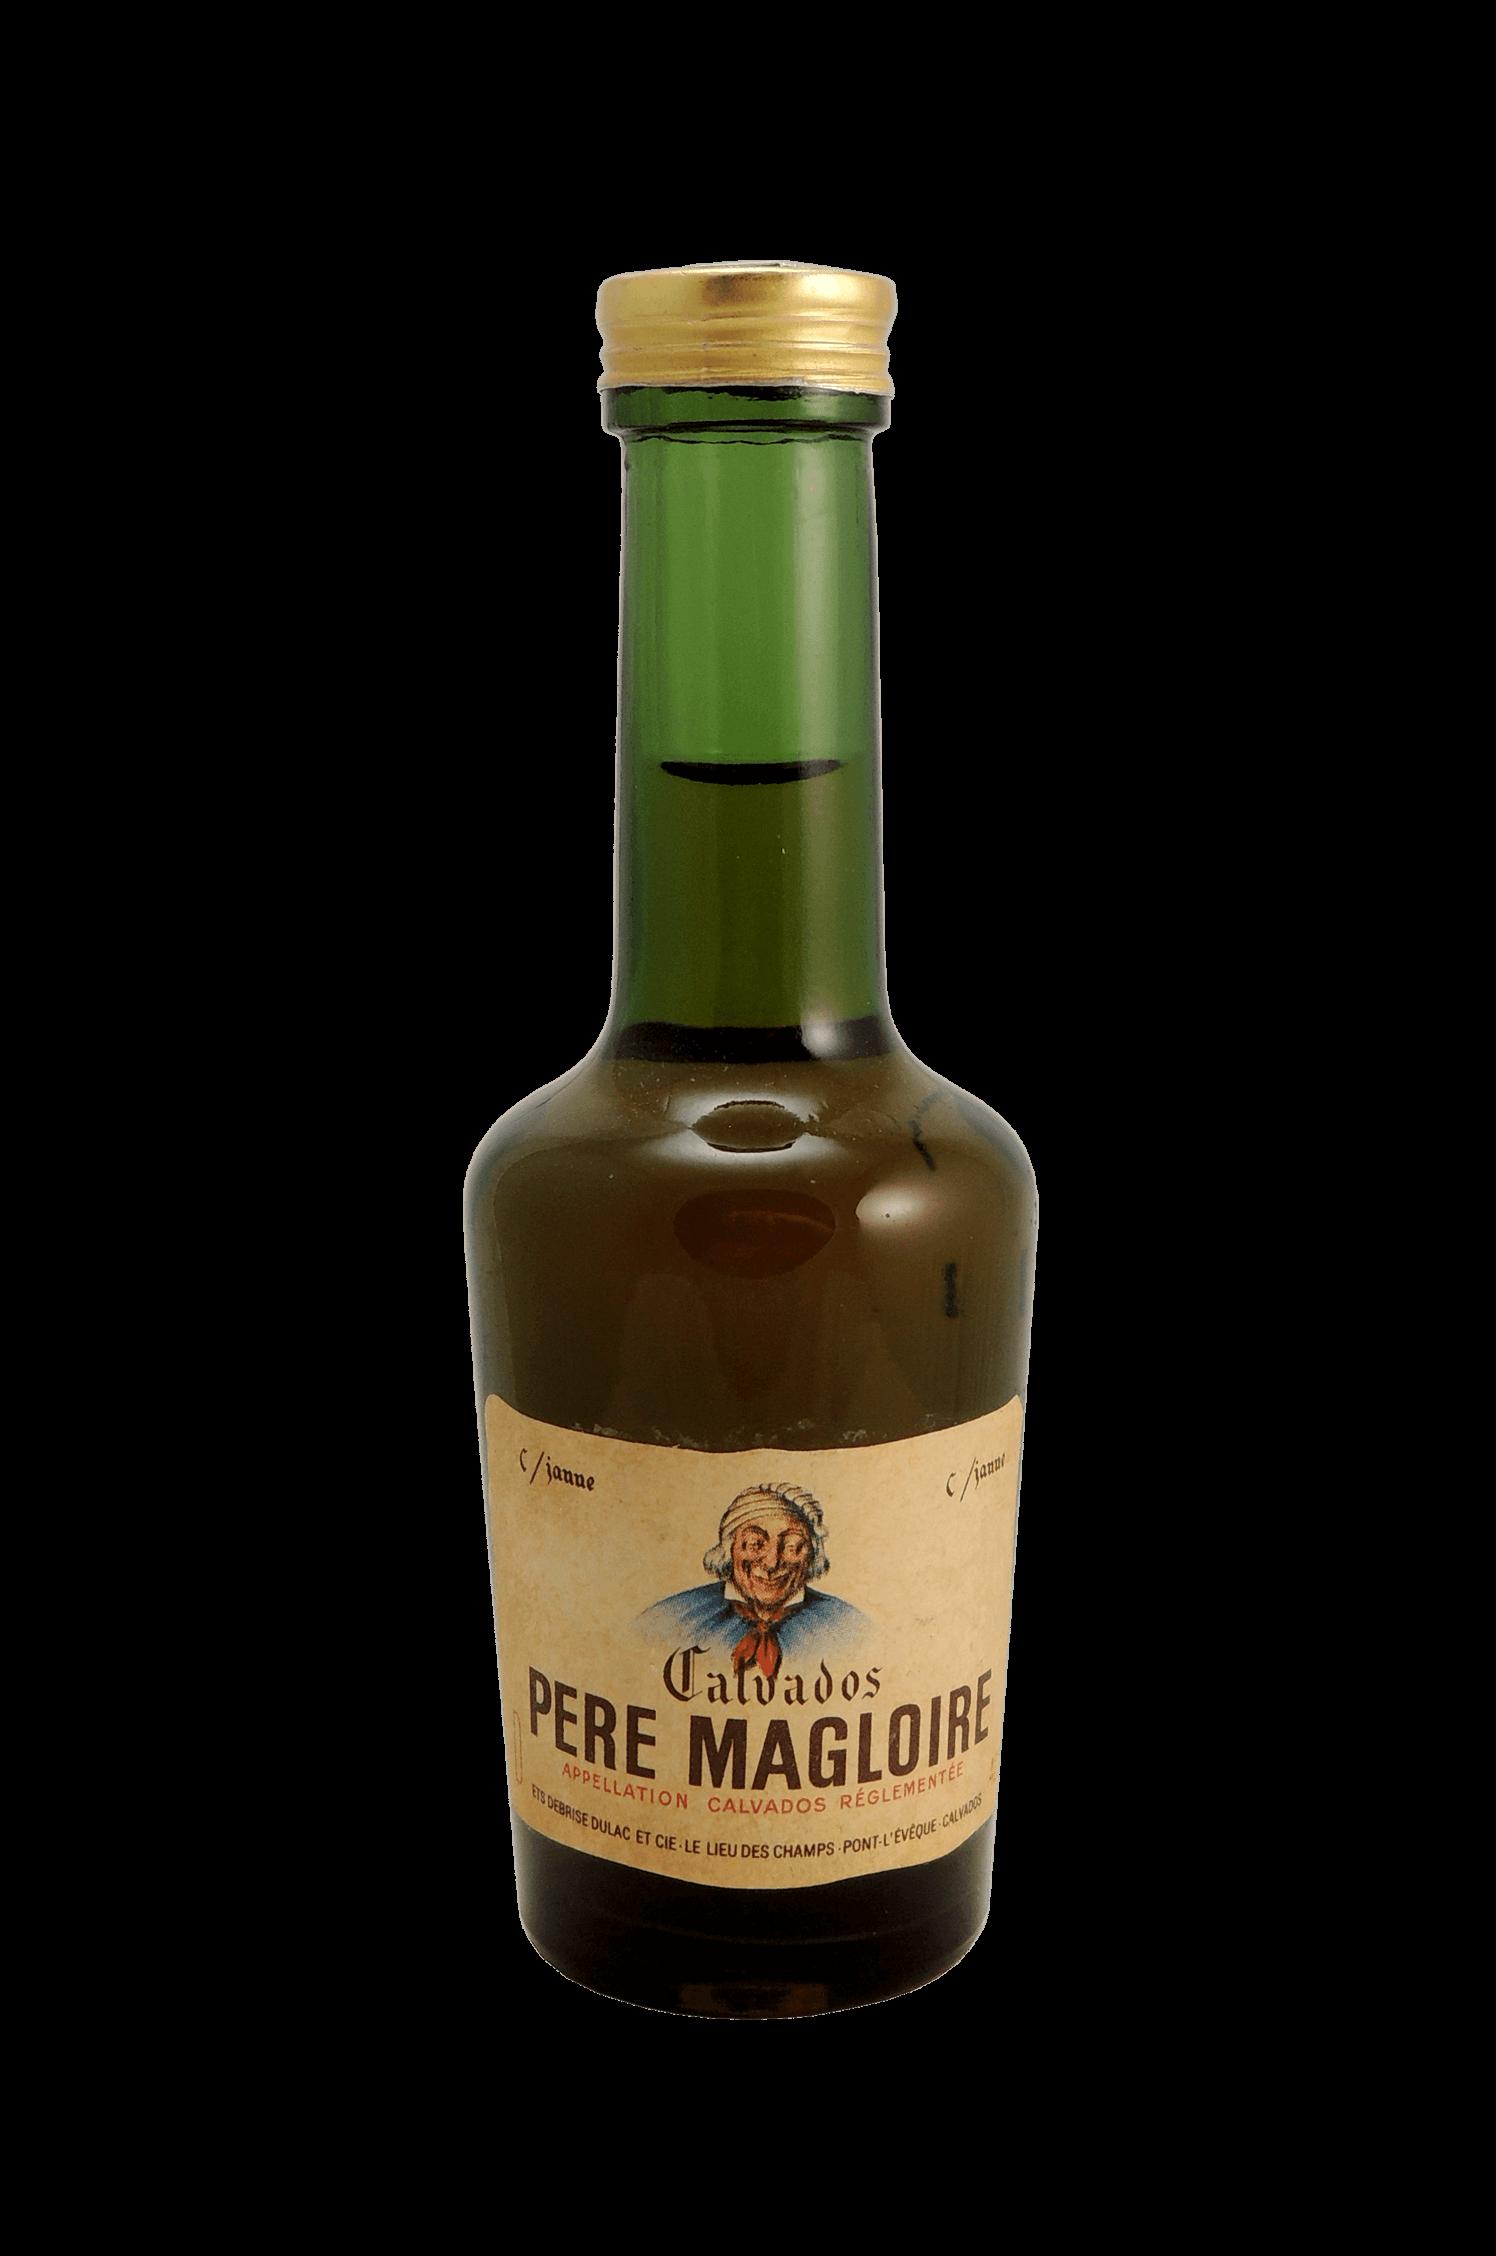 Pére Magloire Calvados